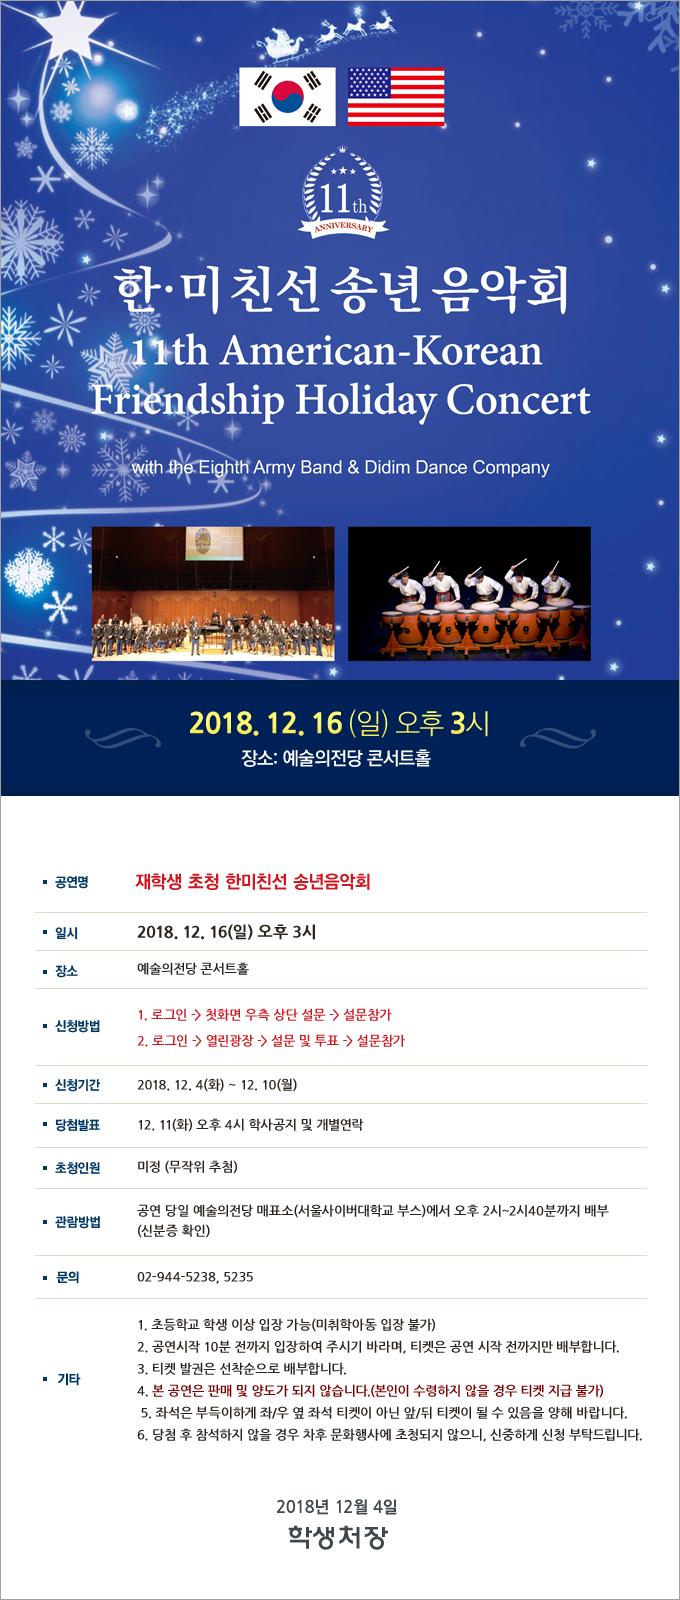 제11회 한미친선 송년 음악회